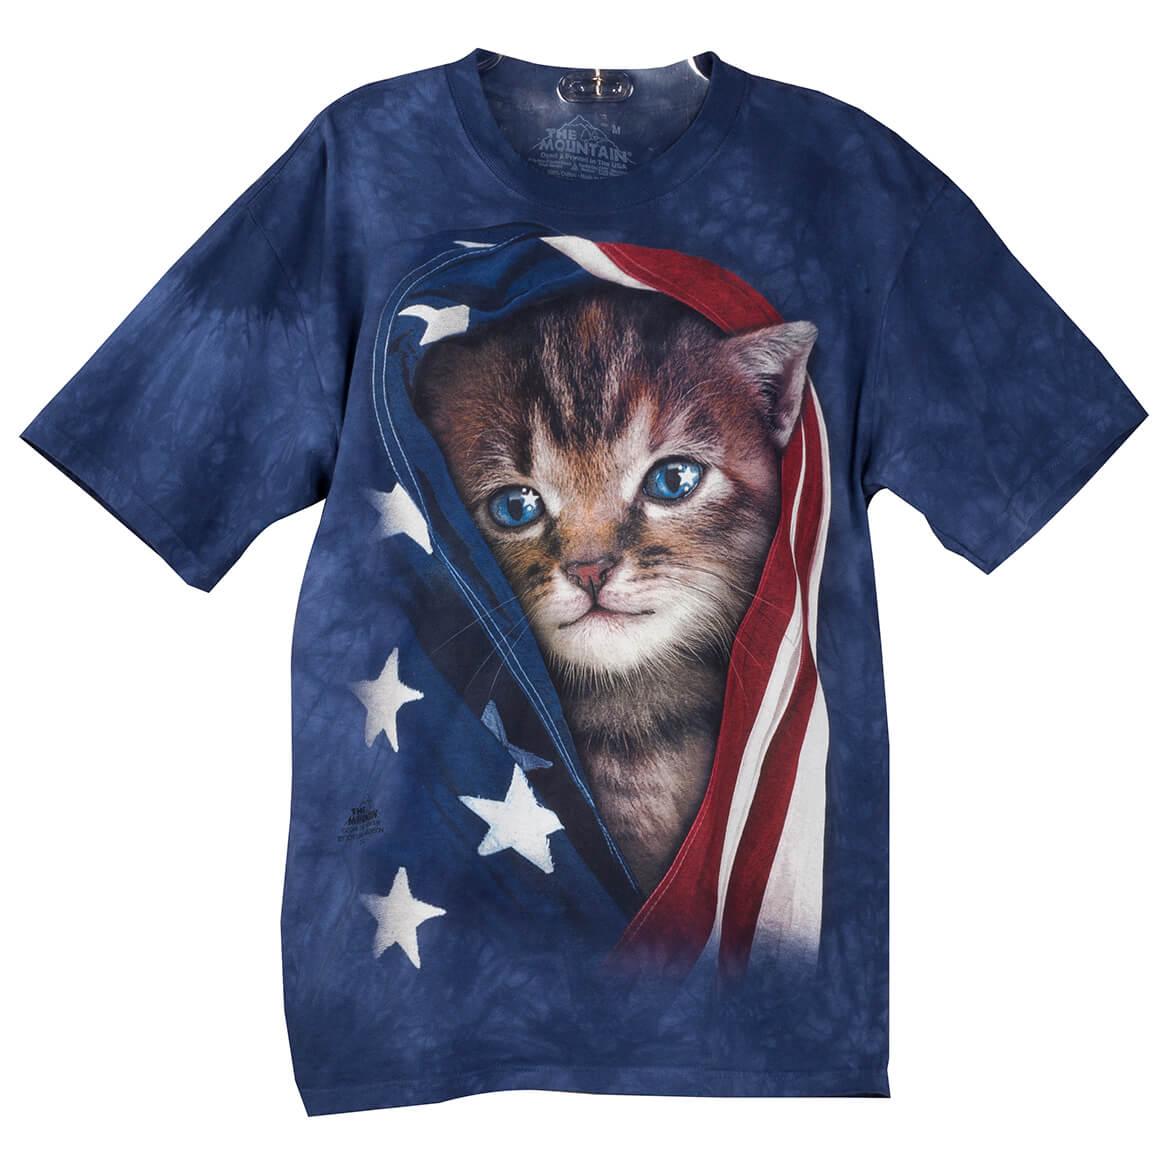 Patriotic Kitten T-Shirt-362522